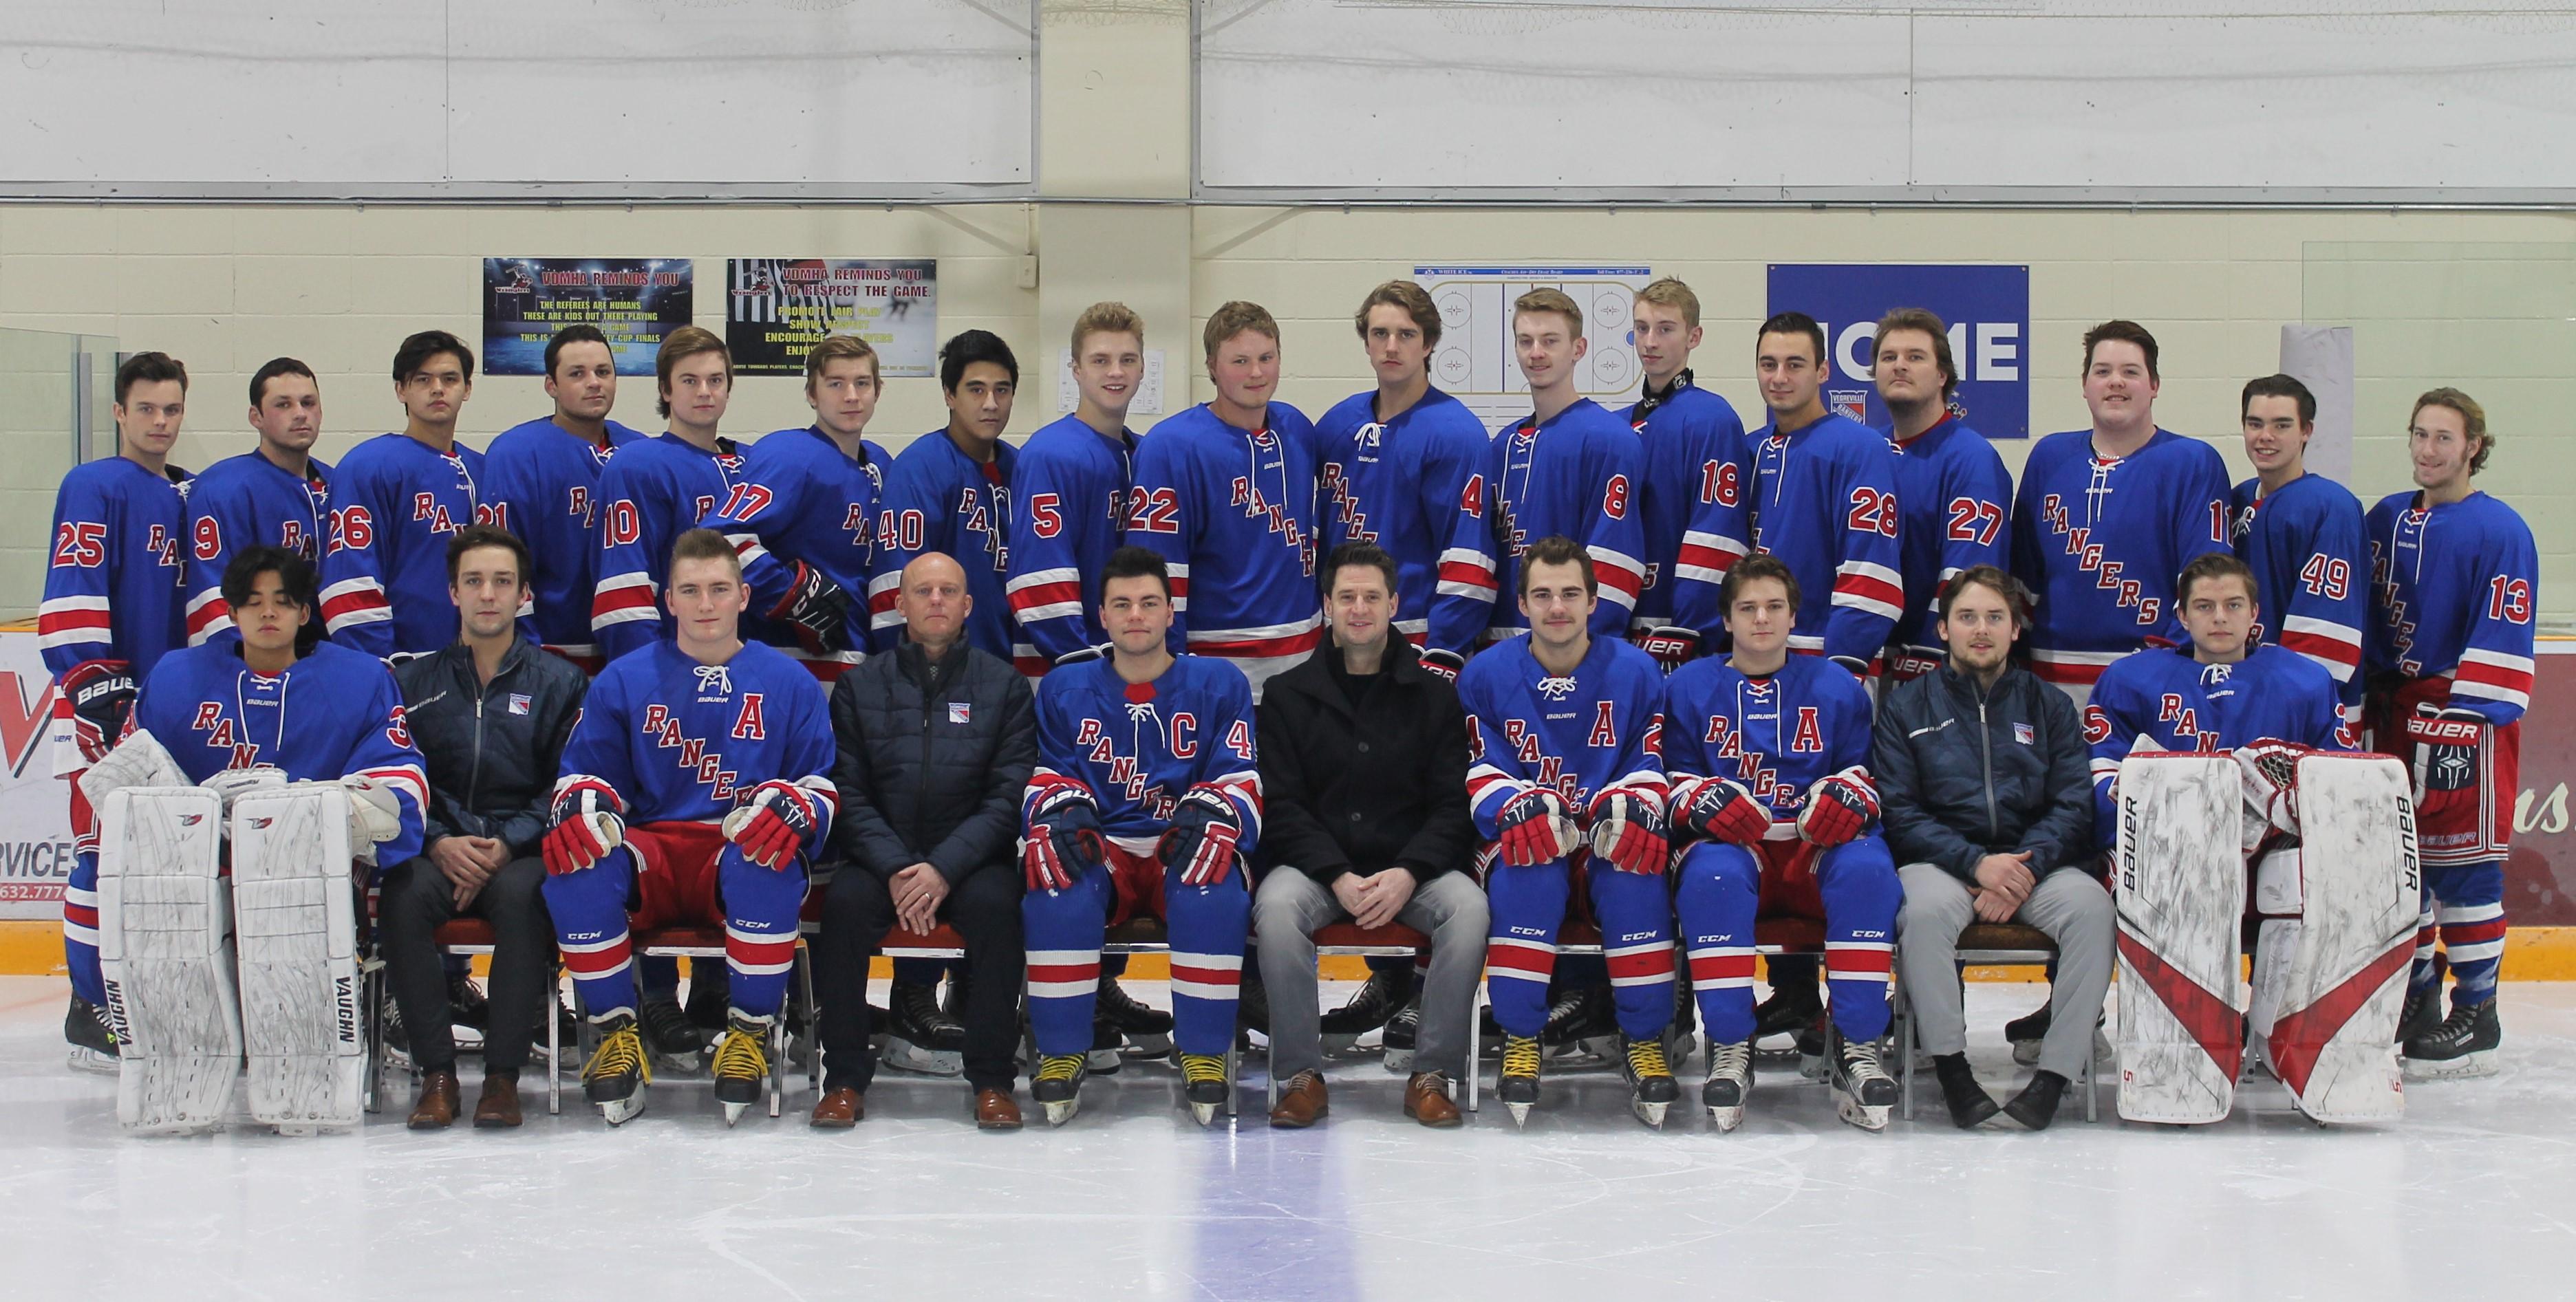 2019-2020 Rangers